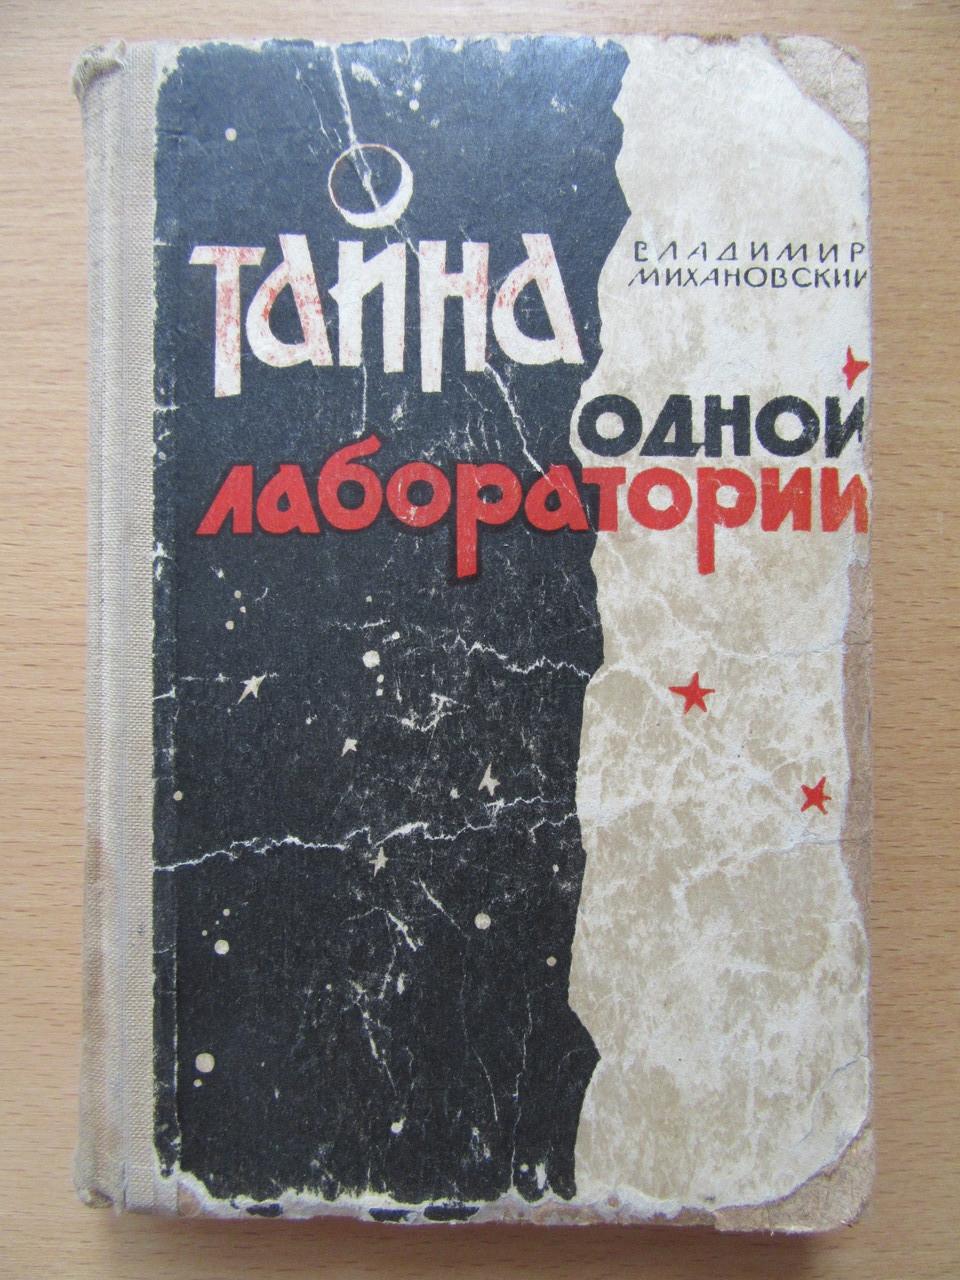 Владимир Михановский. Тайна одной лаборатории